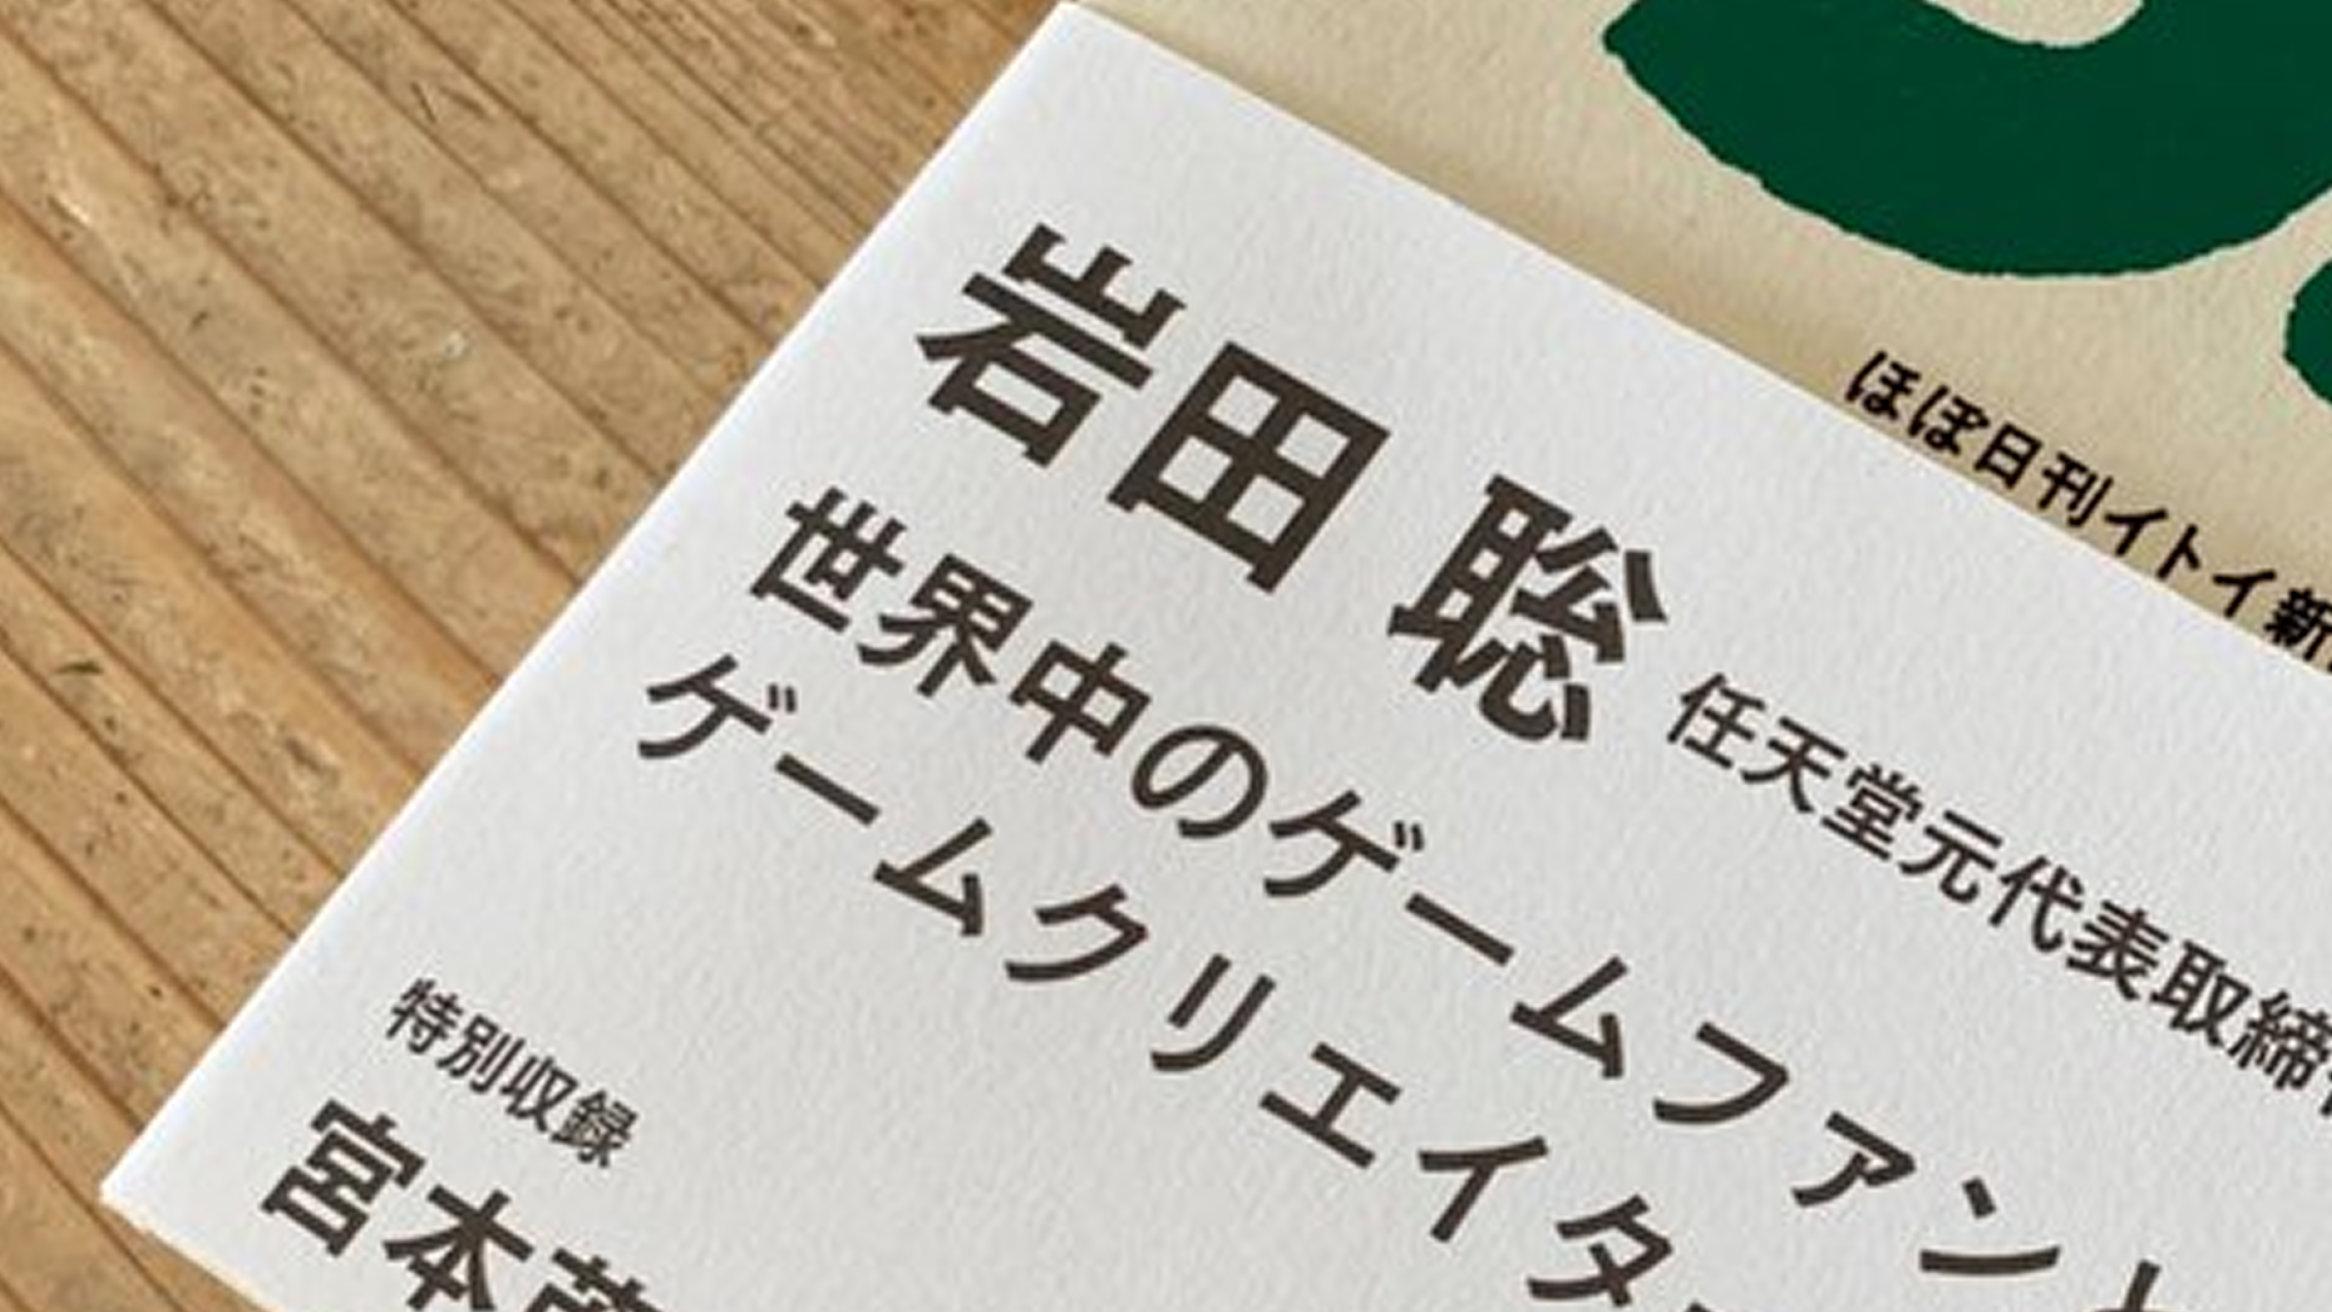 任天堂、元社長の岩田聡氏に関する本。言葉などを集めた